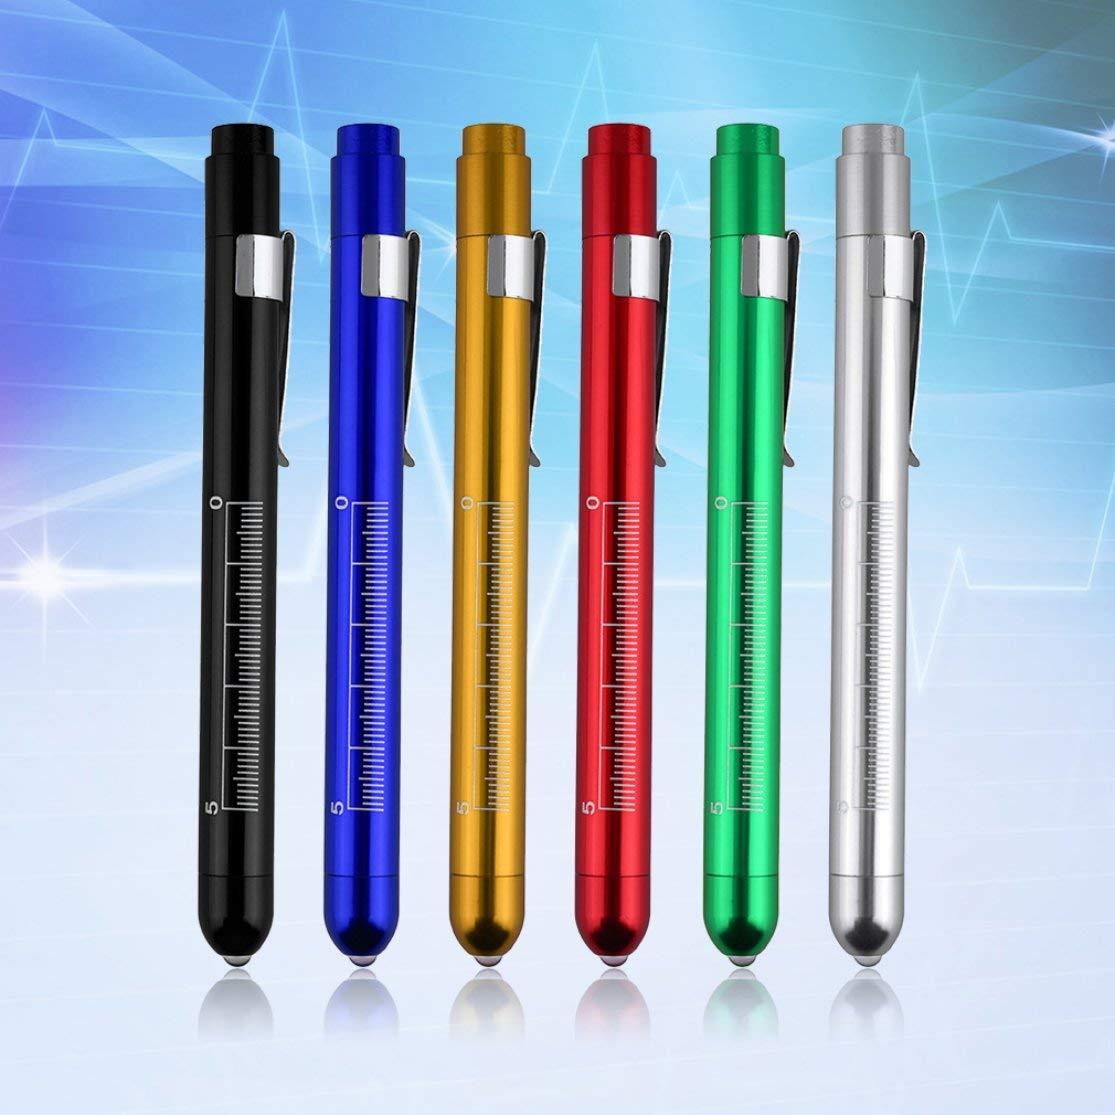 Torche de lampe-torche de lampe-stylo clinique m/édicale m/édicale en aluminium de stylo chirurgical de m/édecins avec la lampe dinspection de soins de bouche//oreille de premiers soins d/échelle